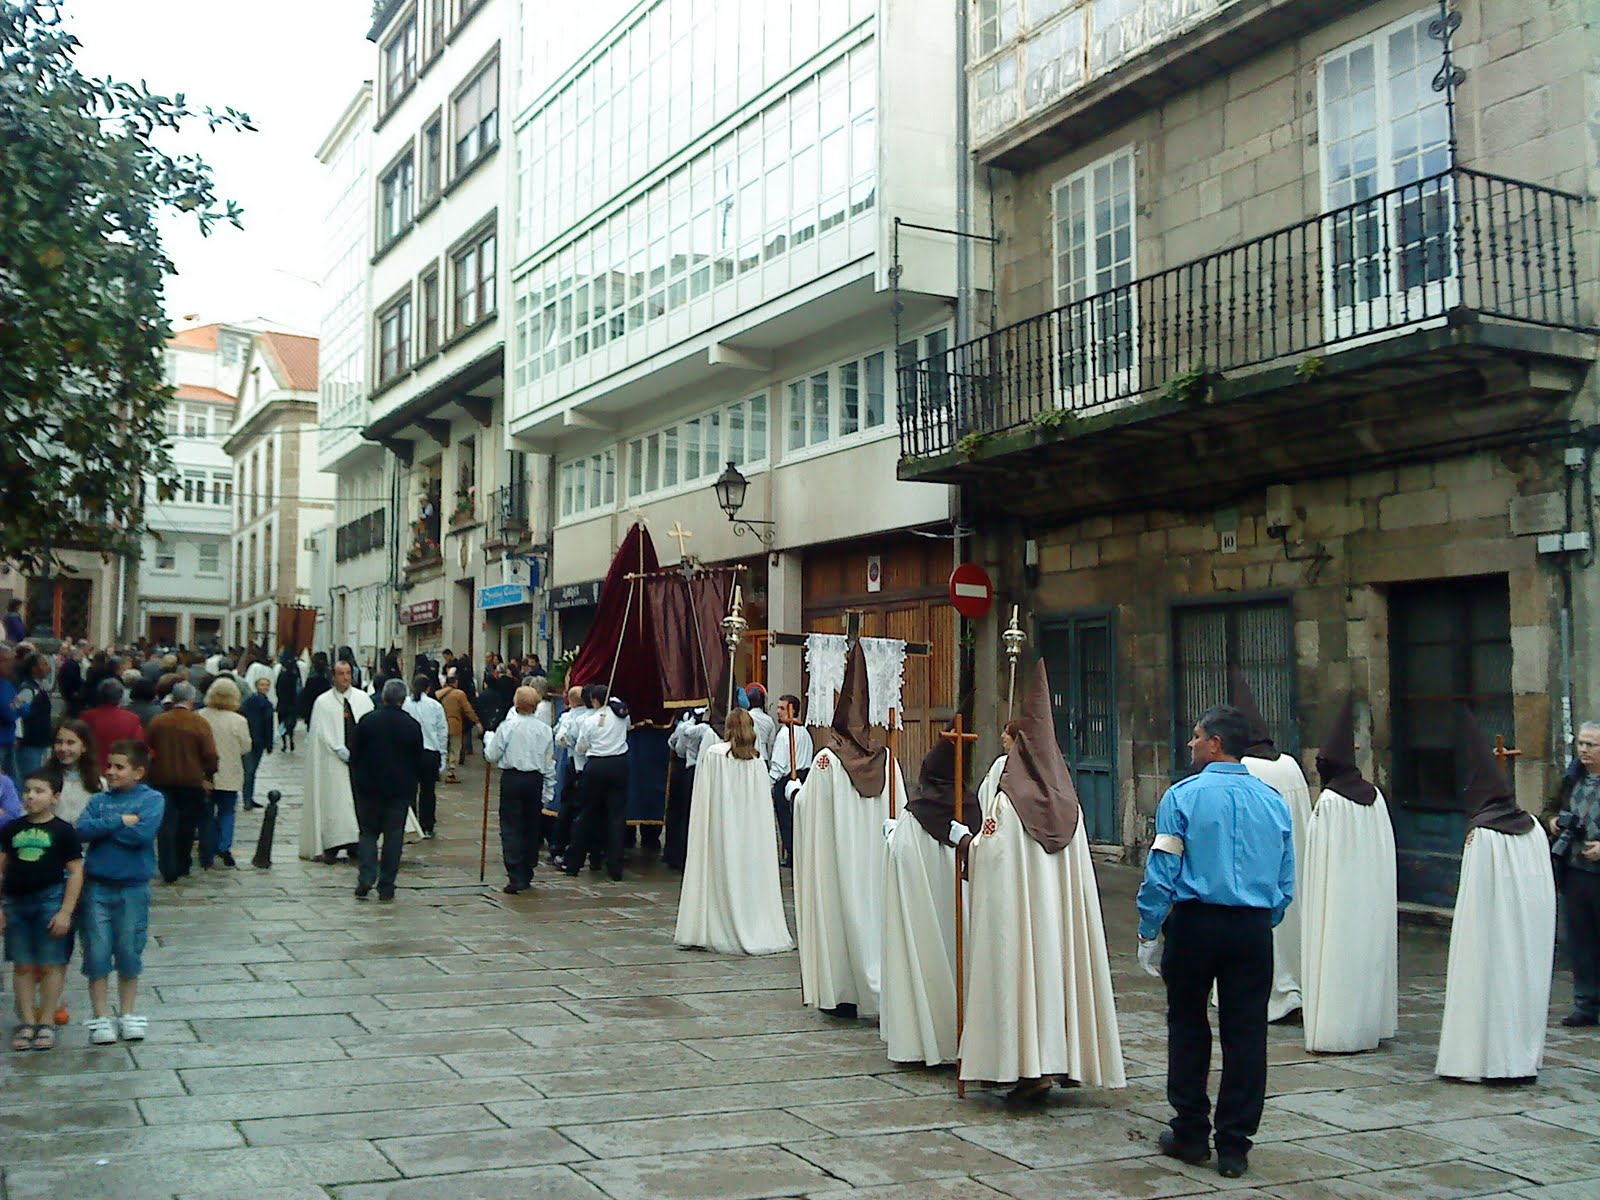 Fotos de la procesion 82